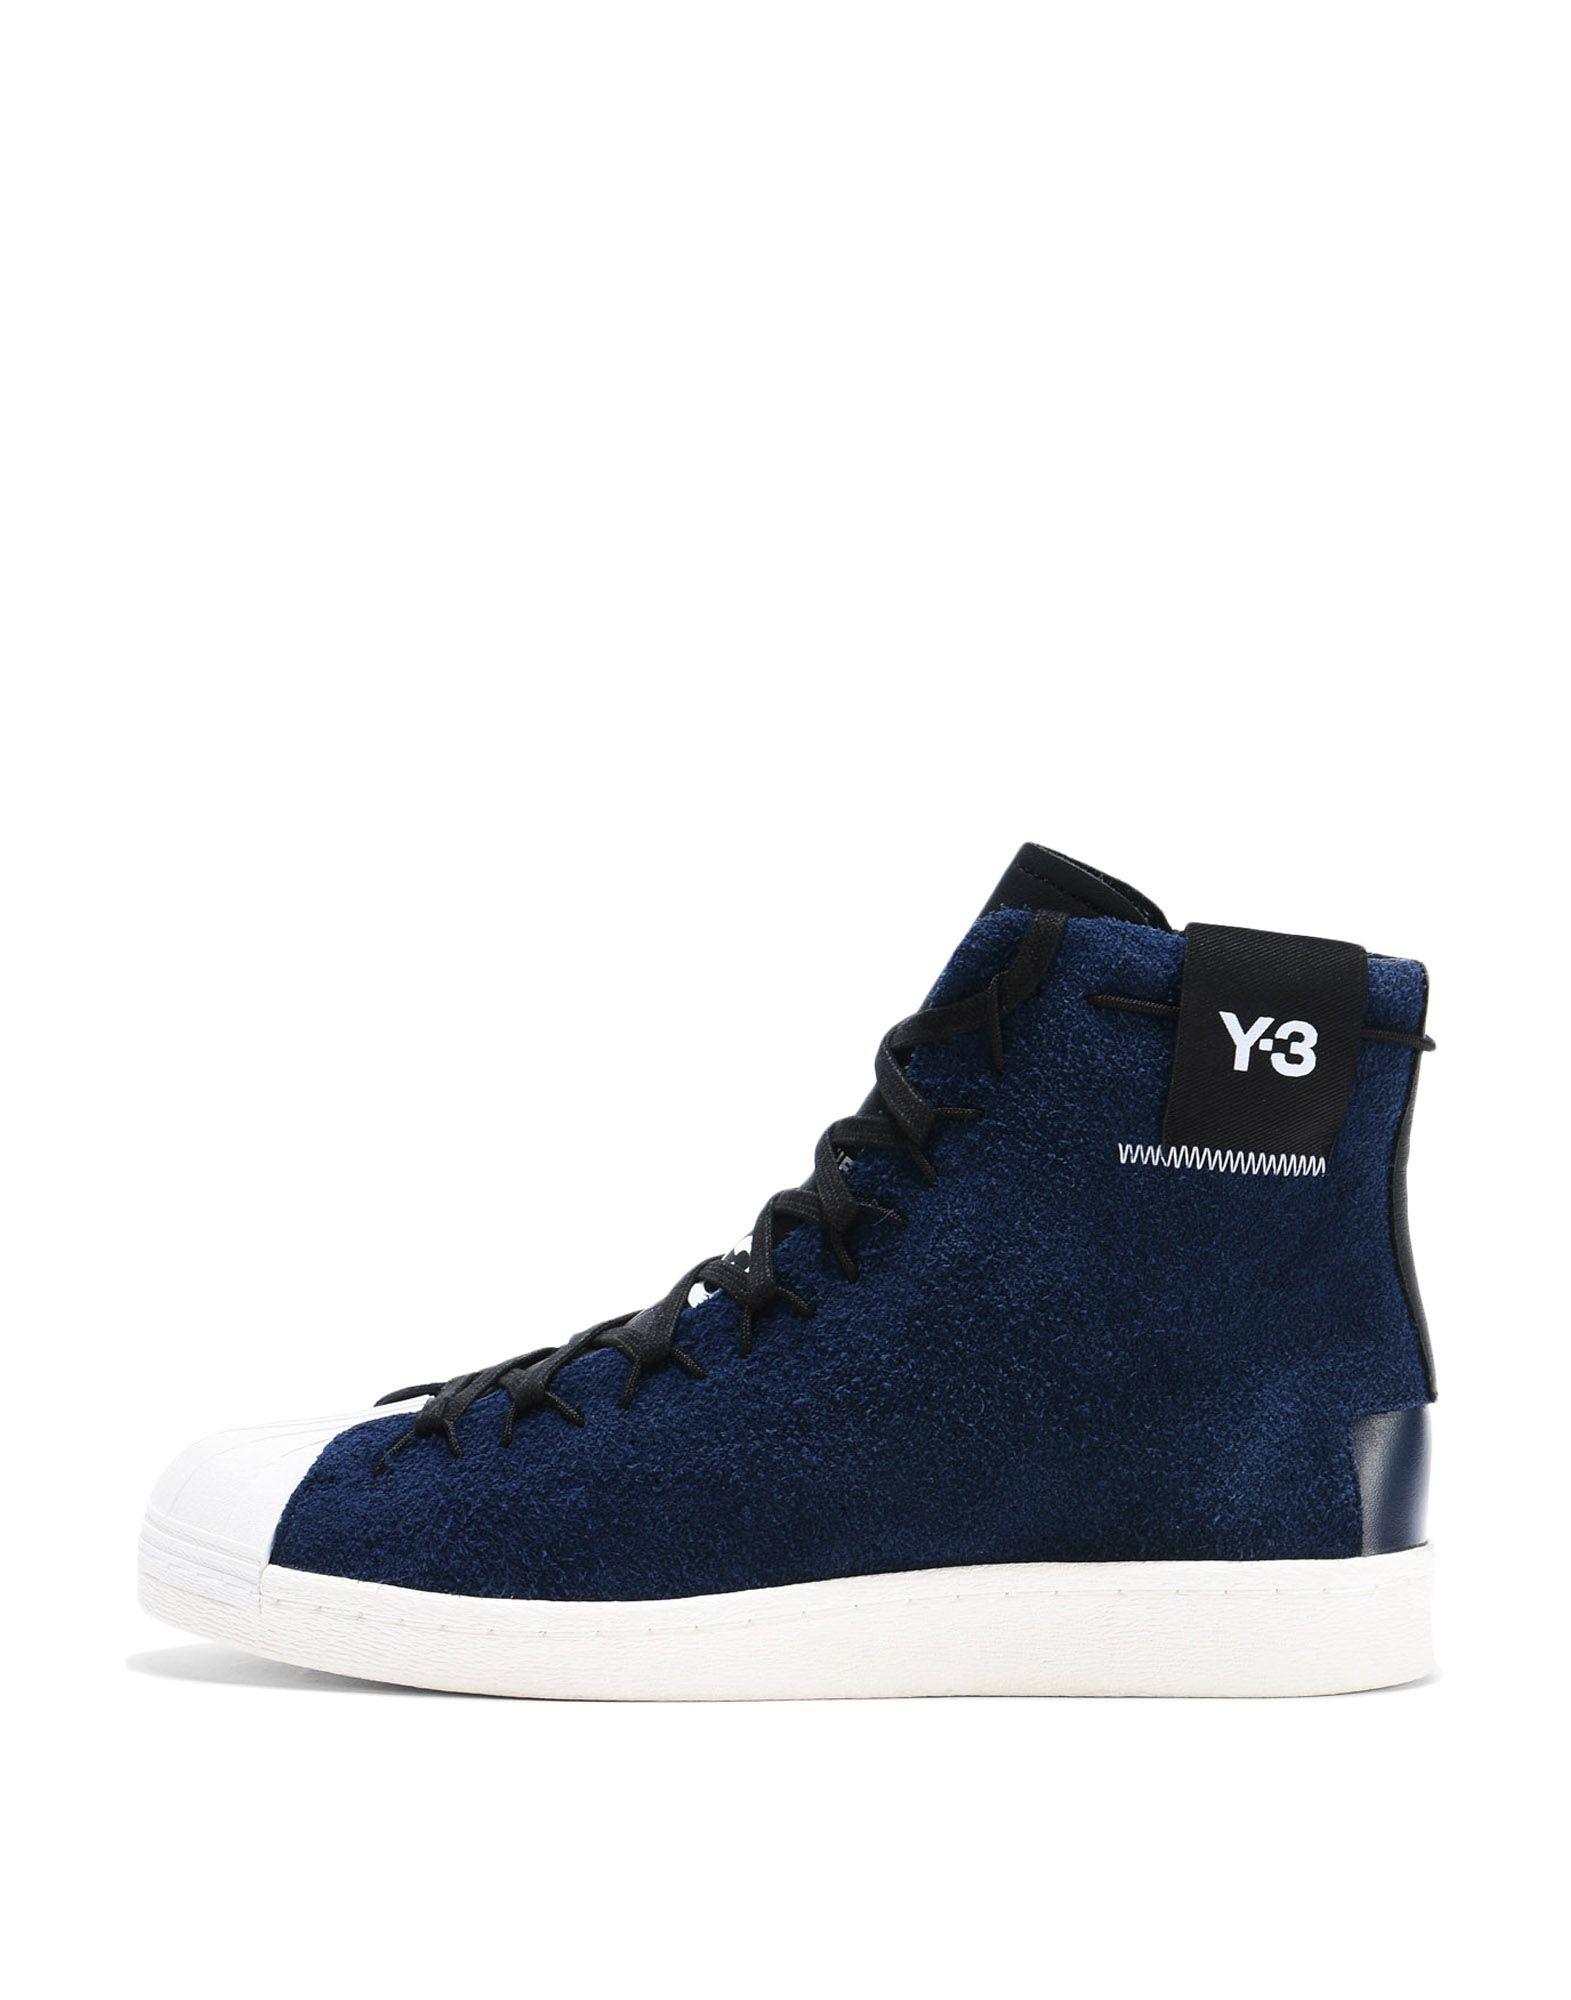 cheap for discount 4b2a3 735e2 adidas y3 tutte blu